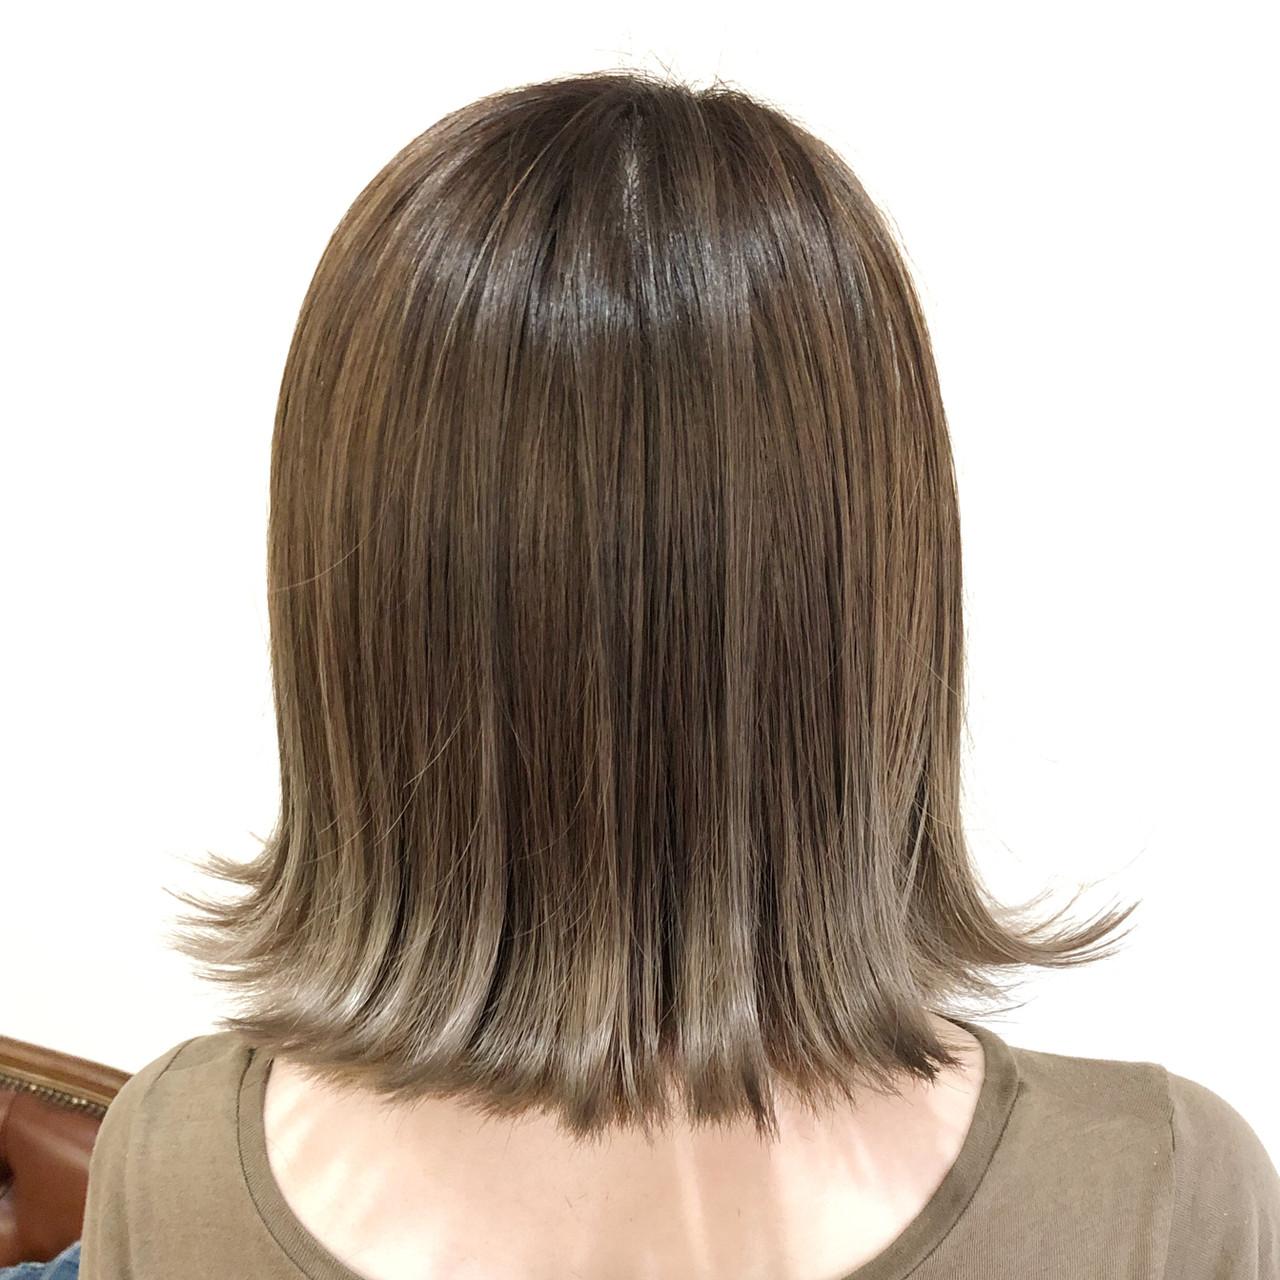 グレージュ ホワイトブリーチ ナチュラル 外国人風カラー ヘアスタイルや髪型の写真・画像